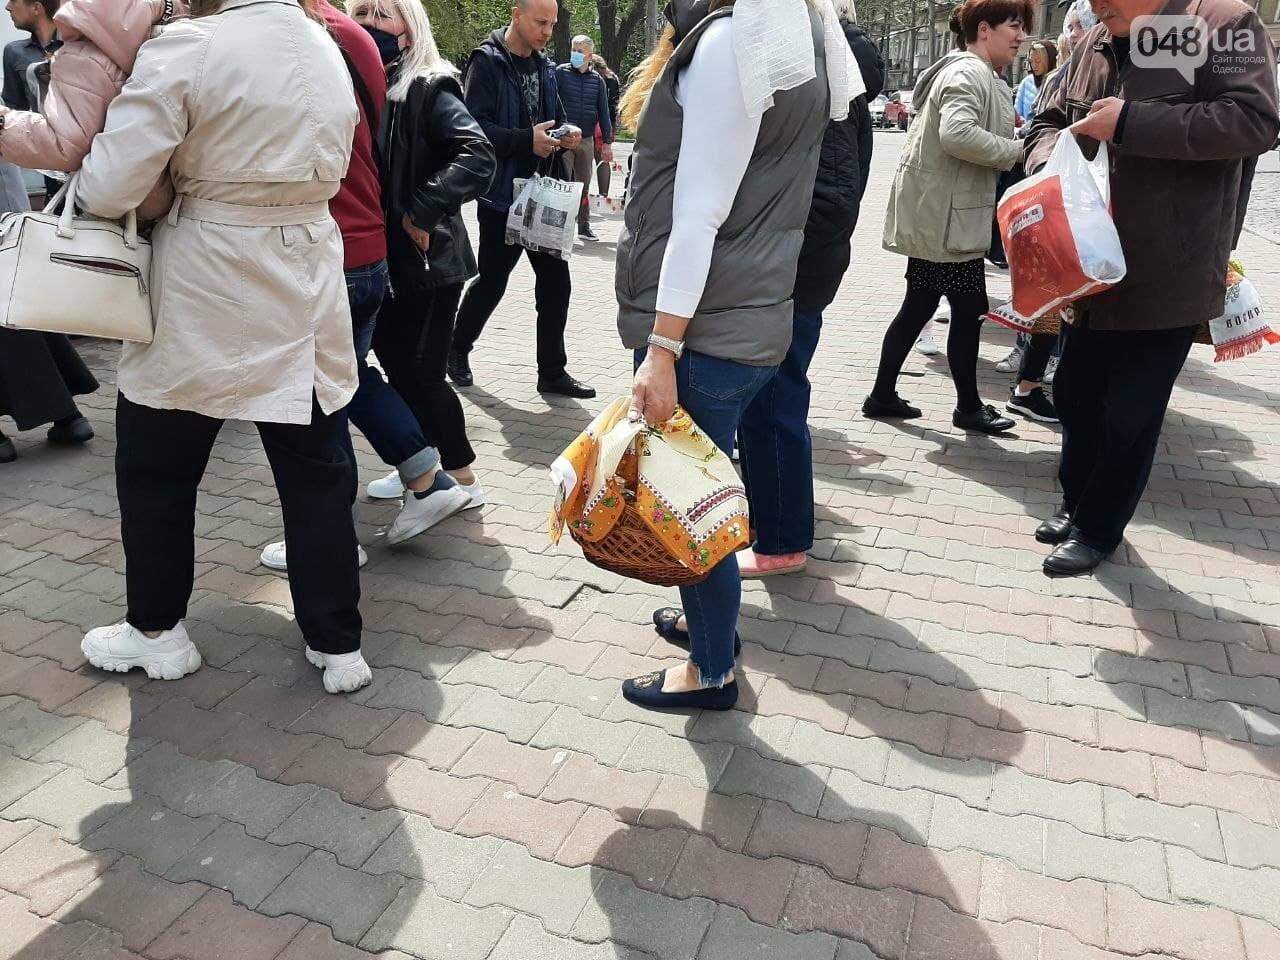 Пасха-2021: как в Одессе святят паски, - ФОТОРЕПОРТАЖ, фото-2